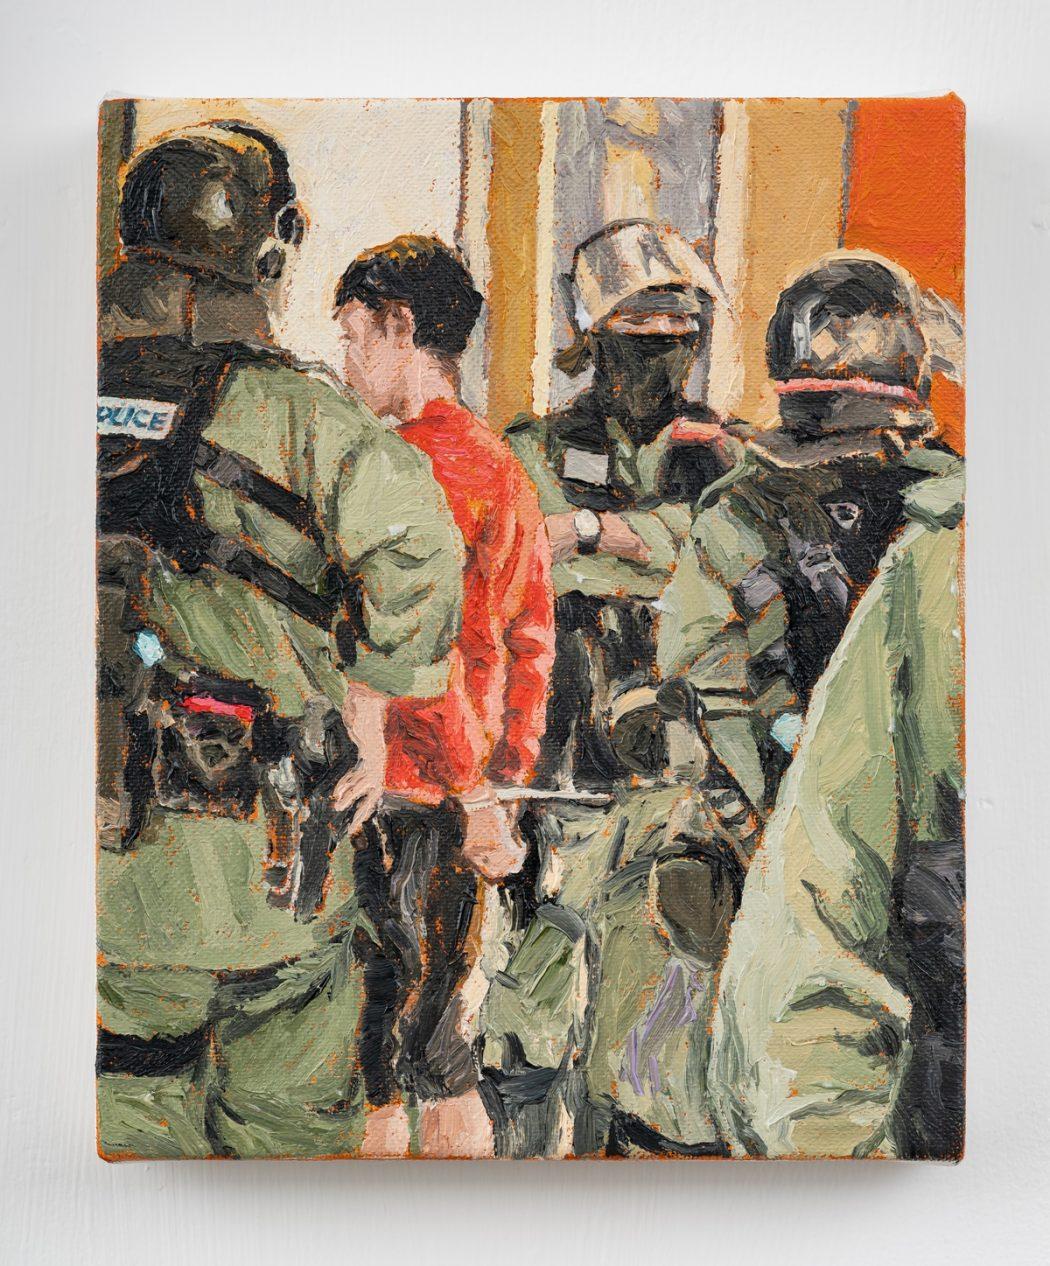 HKFP Lens Chow Chun-fai police arrest